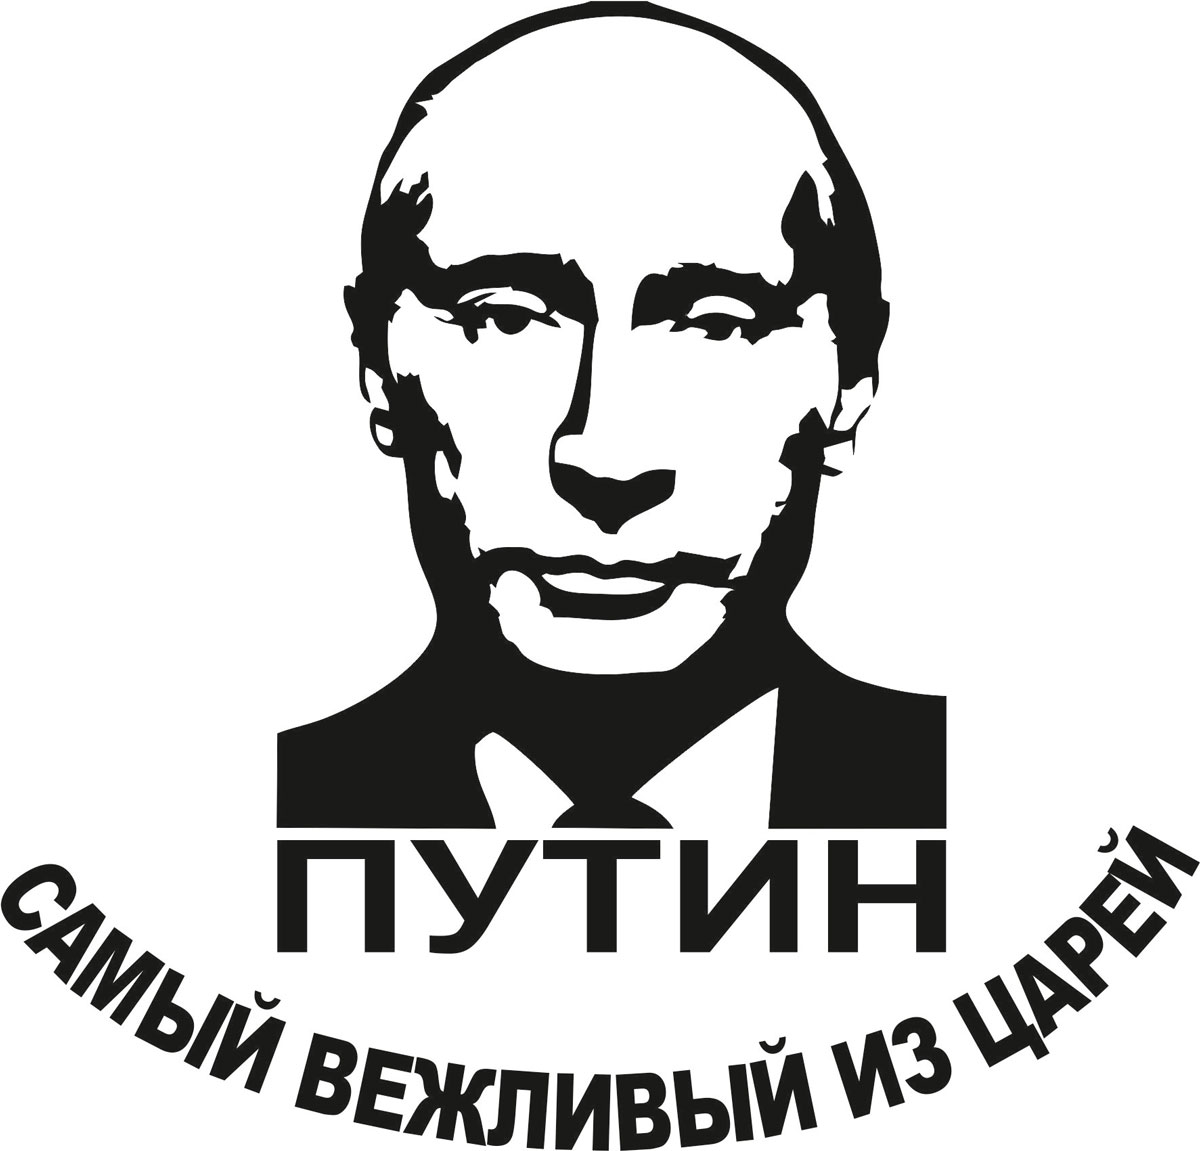 Наклейка автомобильная Оранжевый слоник Путин, виниловая, цвет: черныйCA-3505Оригинальная наклейка Оранжевый слоник Путин изготовлена из долговечного винила, который выполняет не только декоративную функцию, но и защищает кузов от небольших механических повреждений, либо скрывает уже существующие.Виниловые наклейки на авто - это не только красиво, но еще и быстро! Всего за несколько минут вы можете полностью преобразить свой автомобиль, сделать его ярким, необычным, особенным и неповторимым!